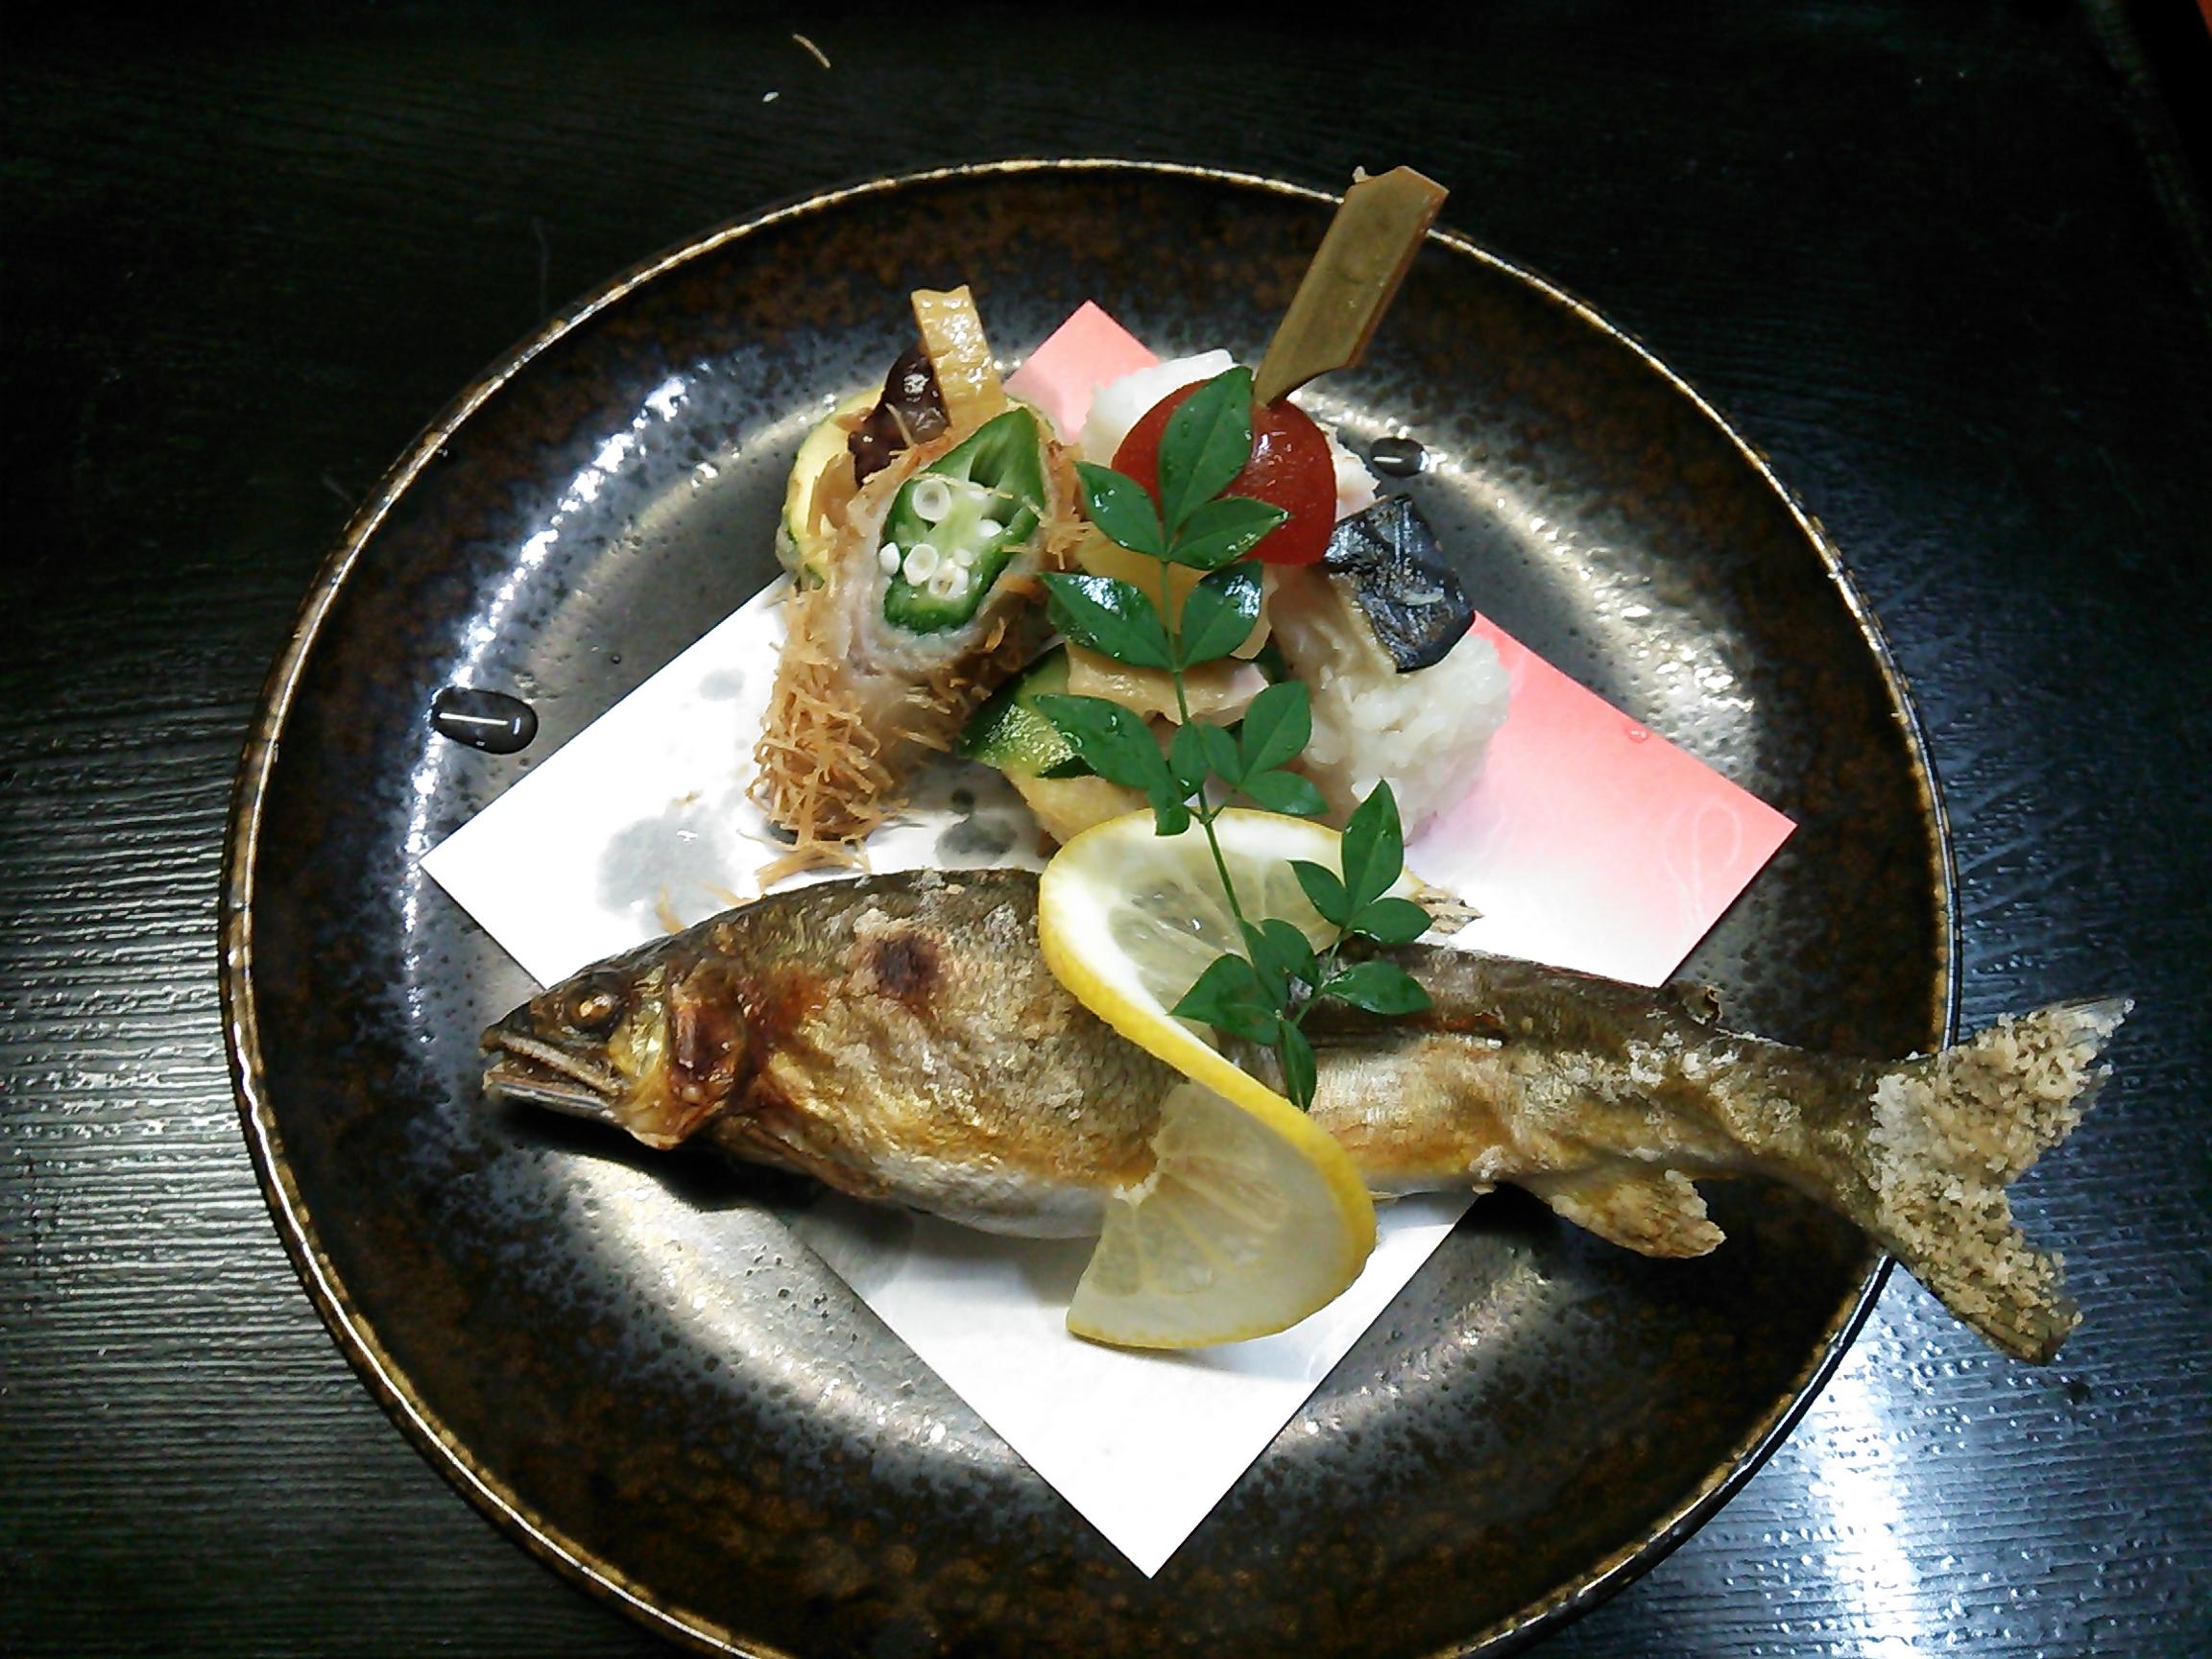 意外と種類は豊富?焼き物調理法を紹介!日々の食事を美味しく!のサムネイル画像